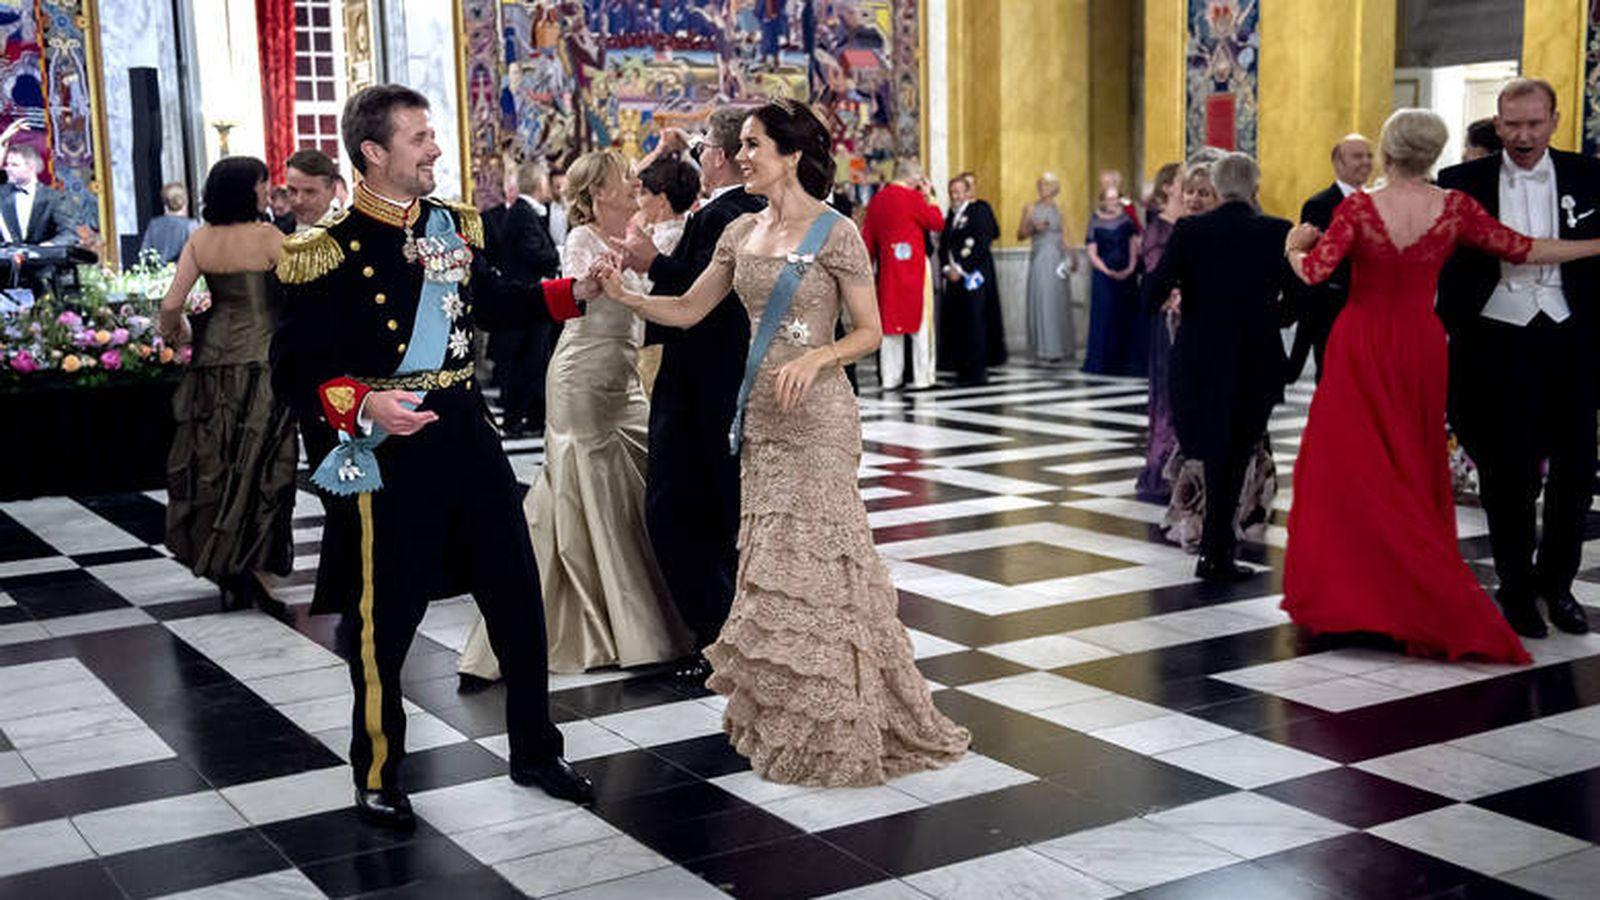 Foto: Federico y Mary, en pleno baile. (Keld Navntoft / Casa real danesa)